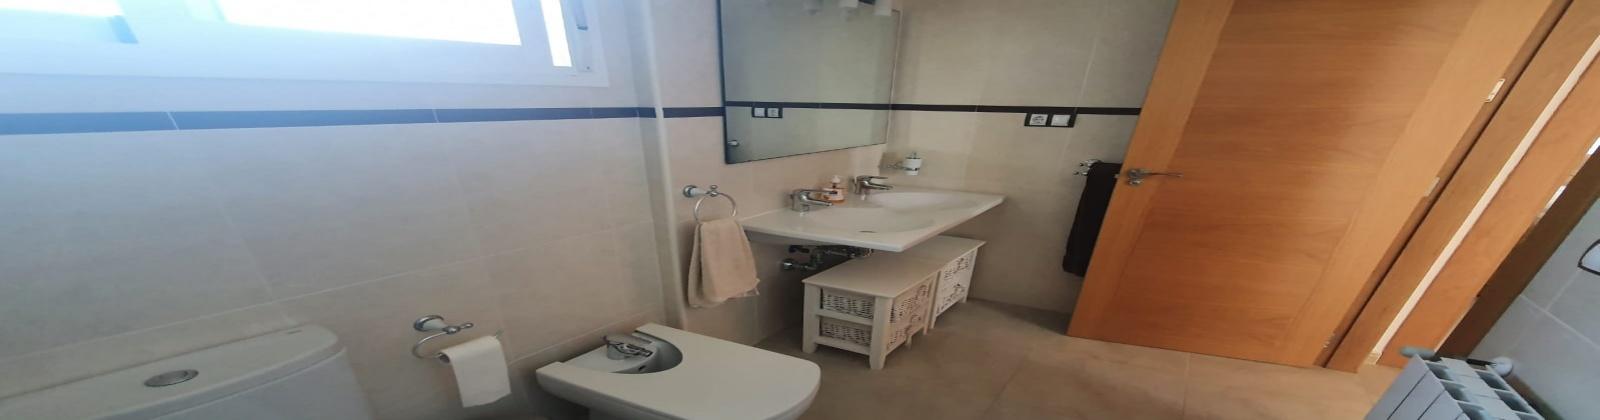 vivienda chalet 4 dormitorios venta con piscina en Torre Guil